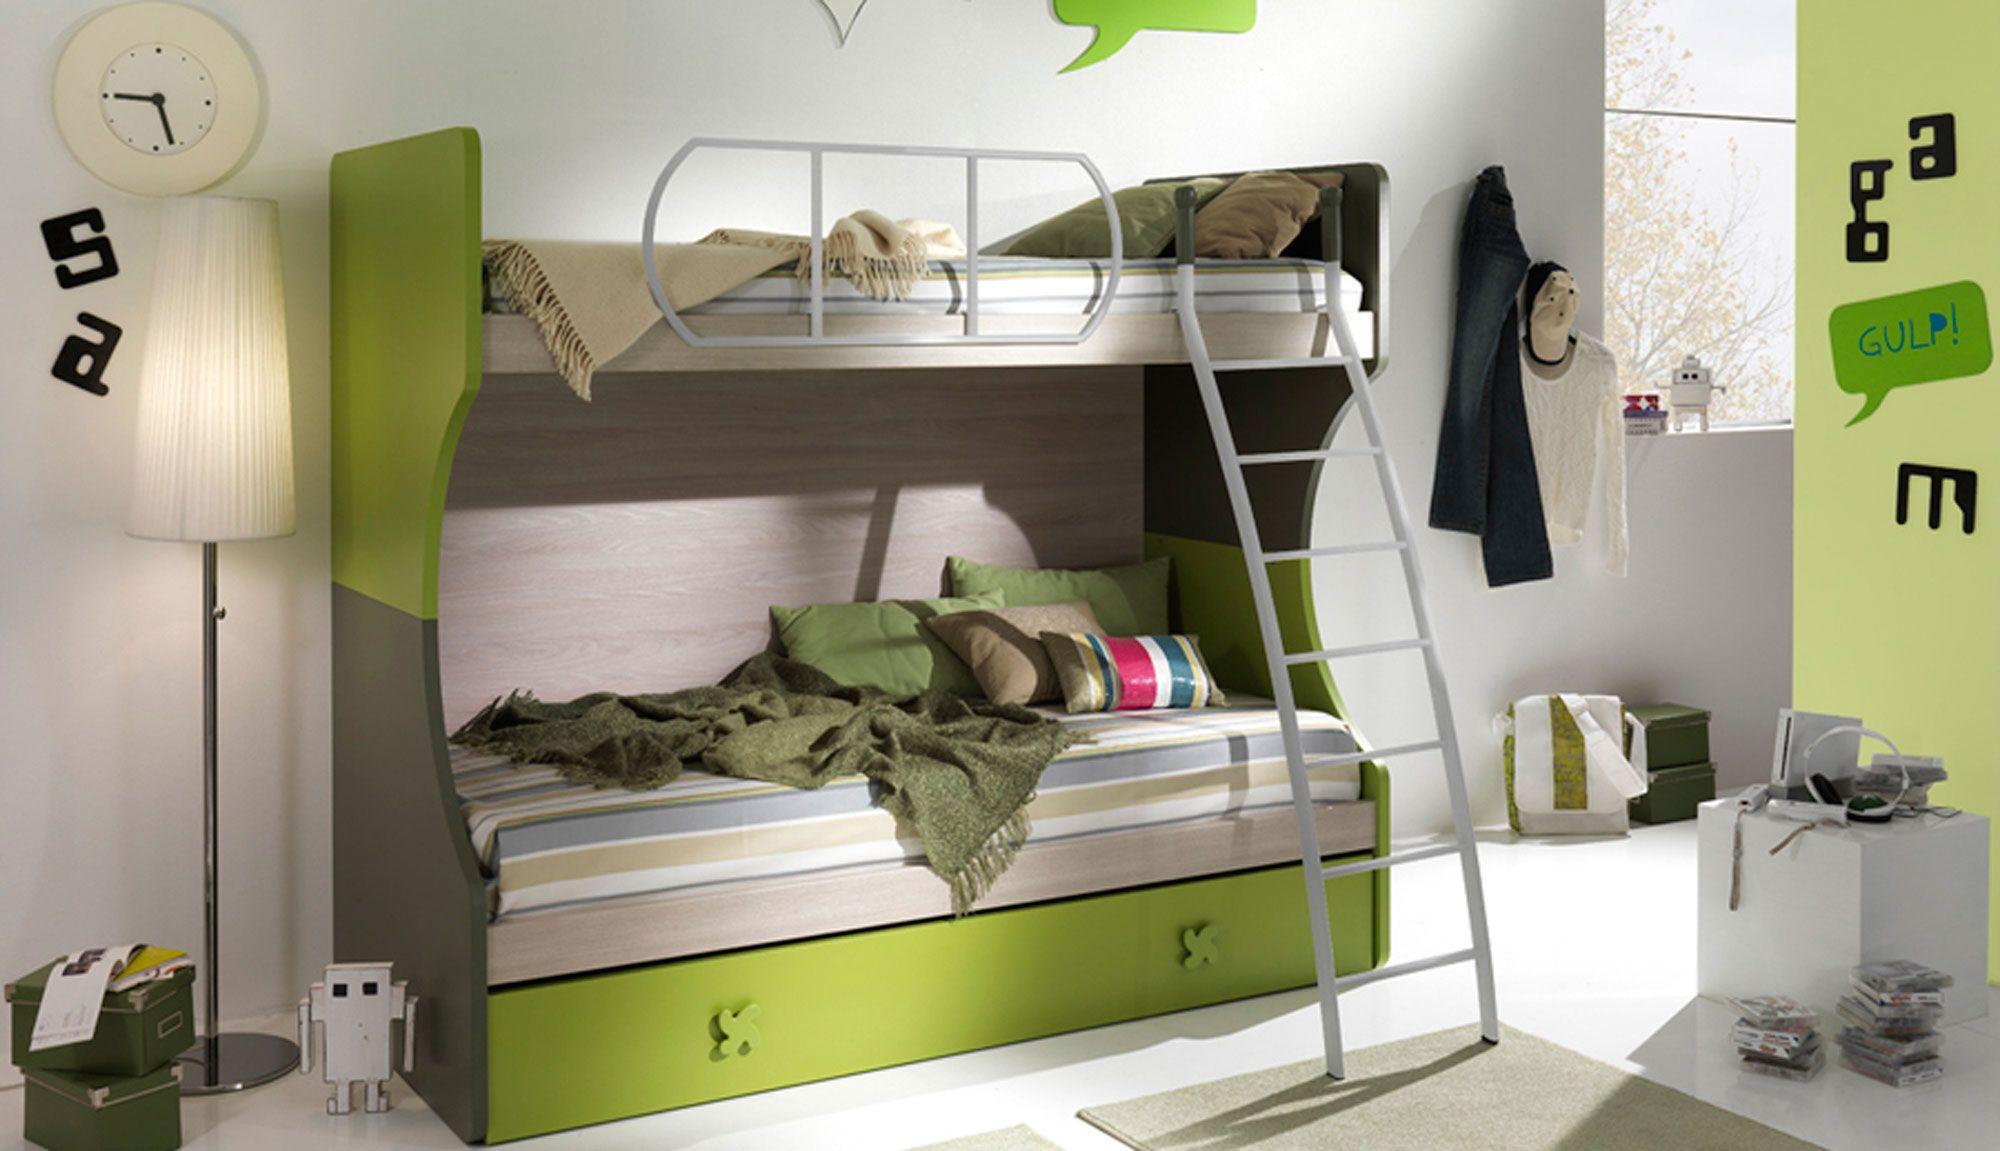 Camerette Ros ~ Cameretta a ponte rachele furnishing bedroom camerette design